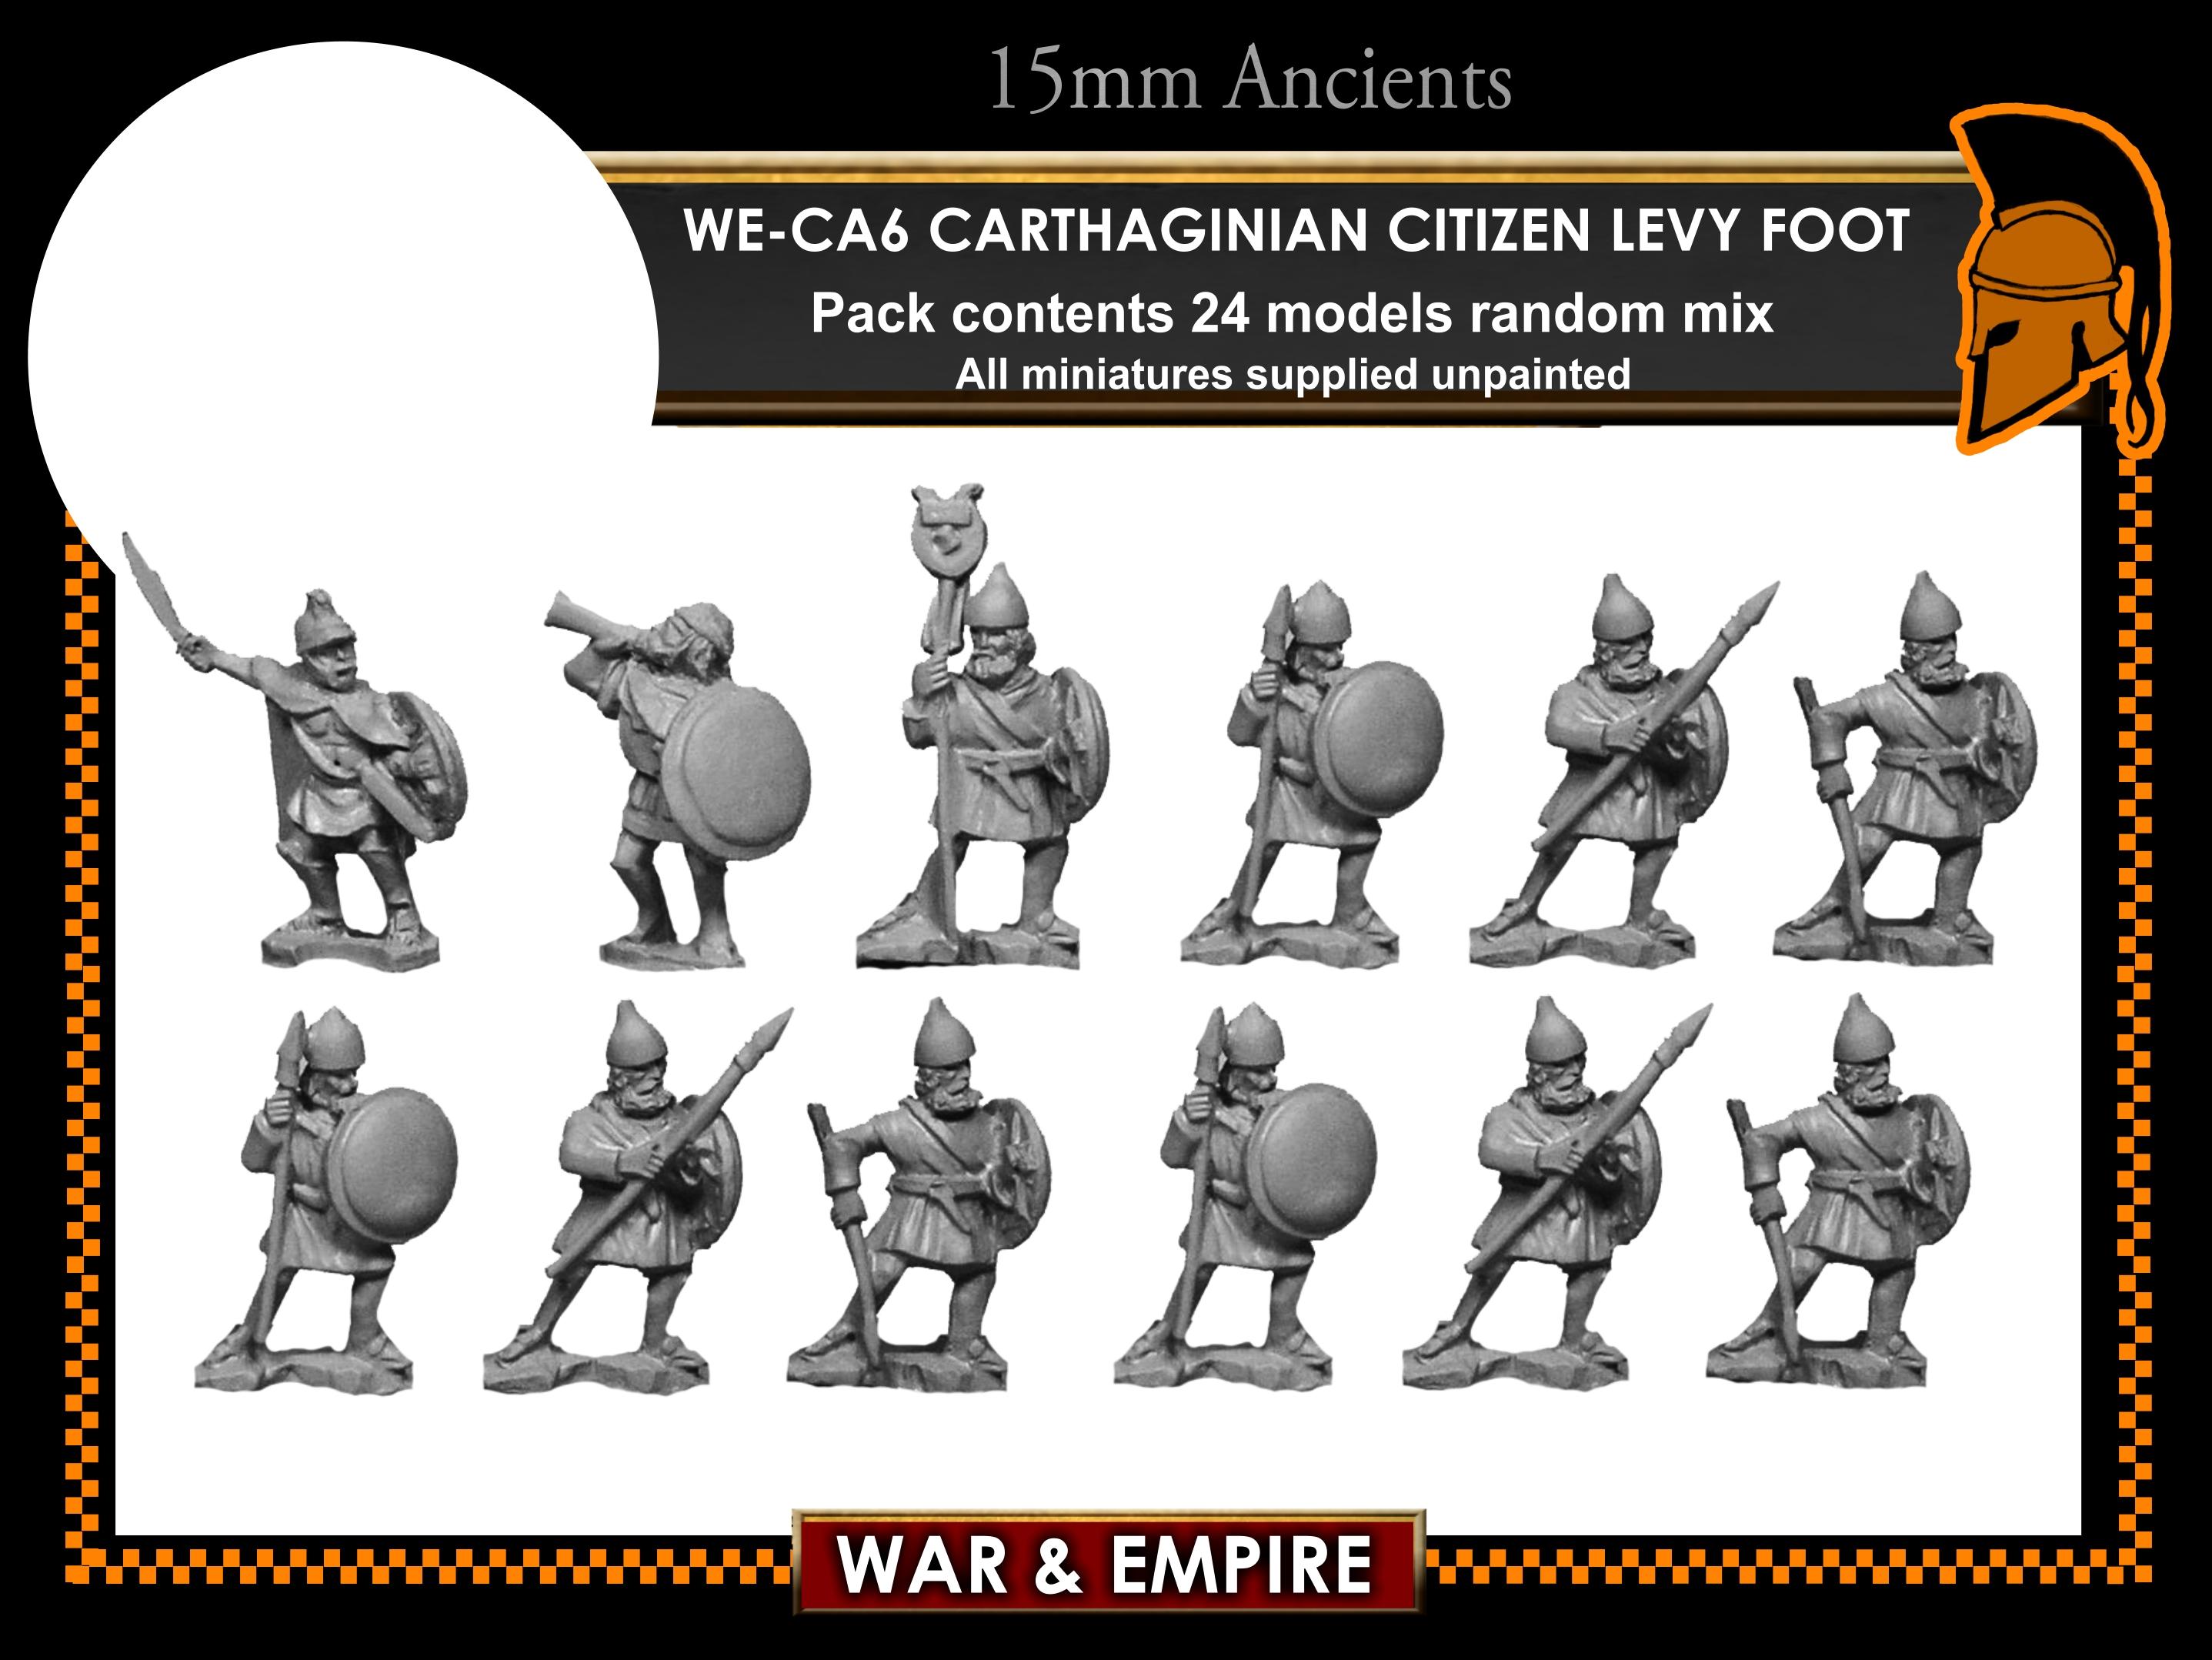 War & Empire - Carthaginian Citizen Levy Foot